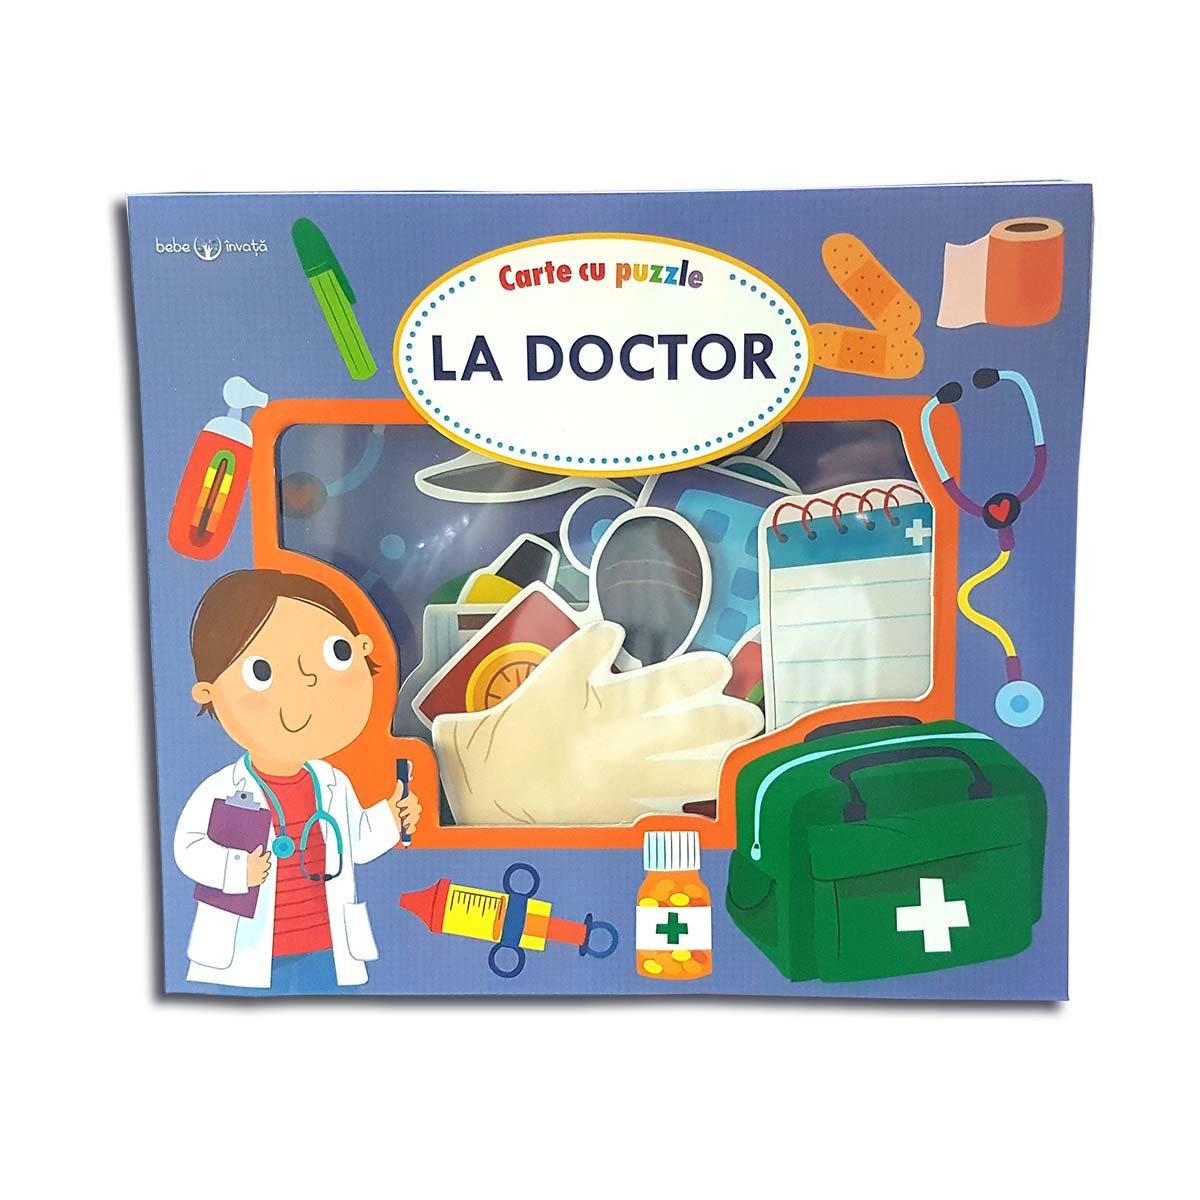 Carte cu puzzle Editura Litera, La Doctor